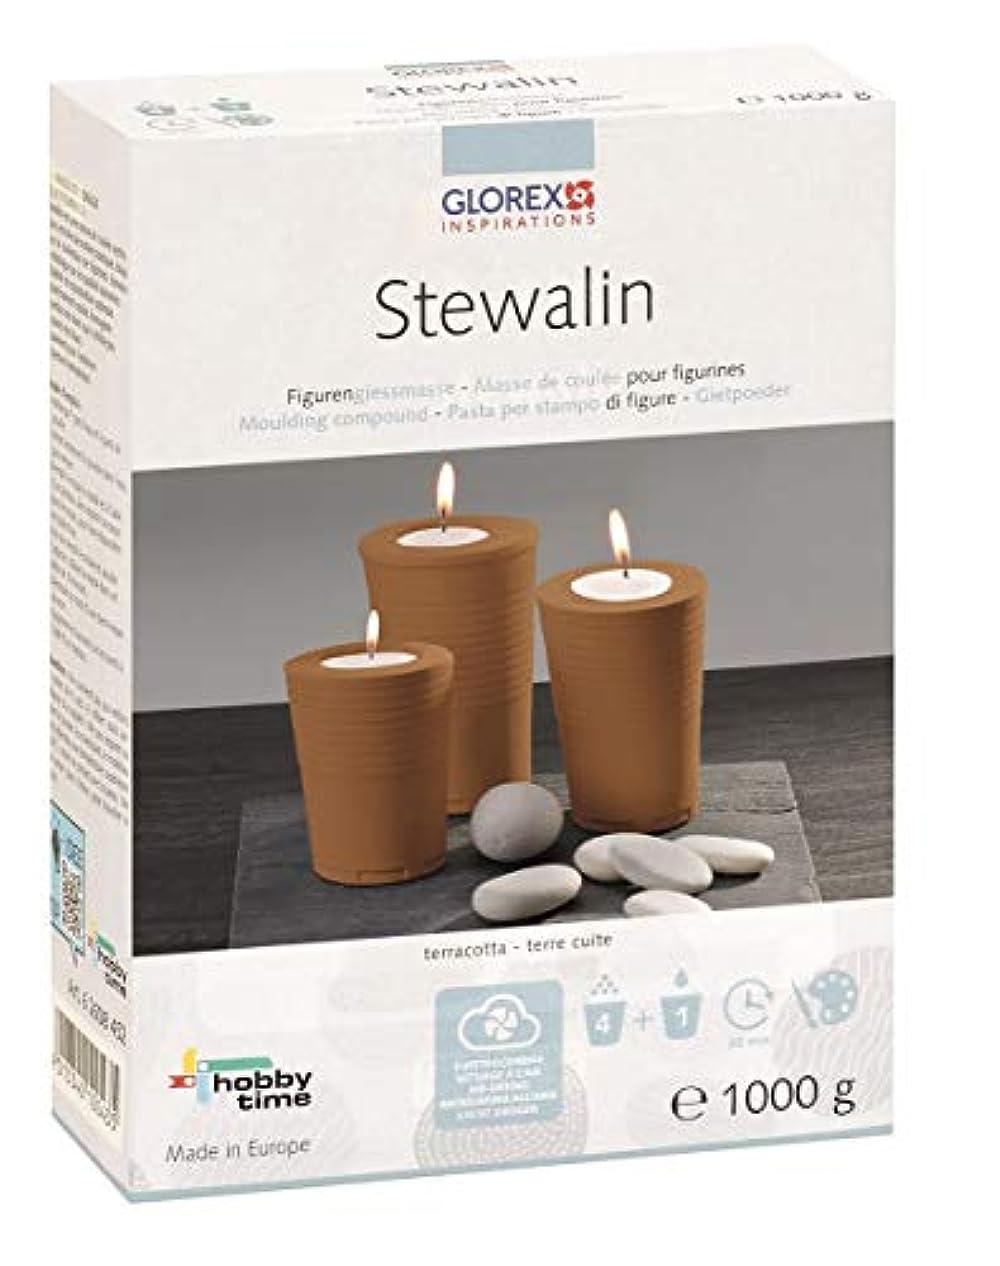 陰気ヒロイン伸ばすGlorex Stewalin、モデルクレイ、テラコッタ、18 x 13.4 X 5.4 CMです